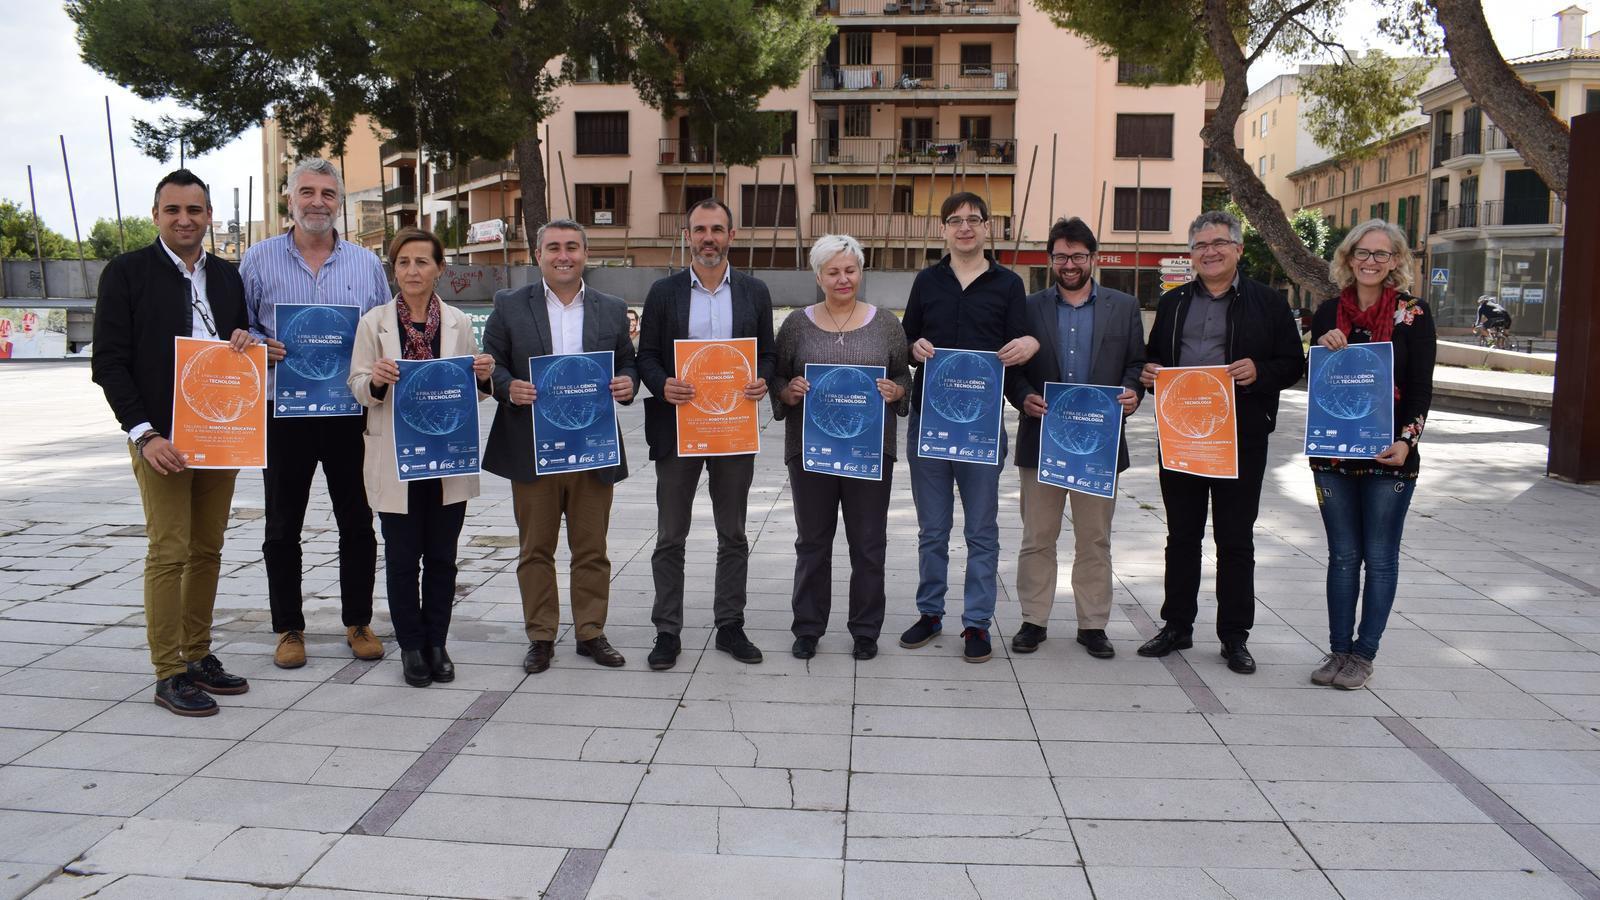 La presentació de la Fira de la Ciència i la Tecnologia s'ha presentat a la plaça Mallorca.